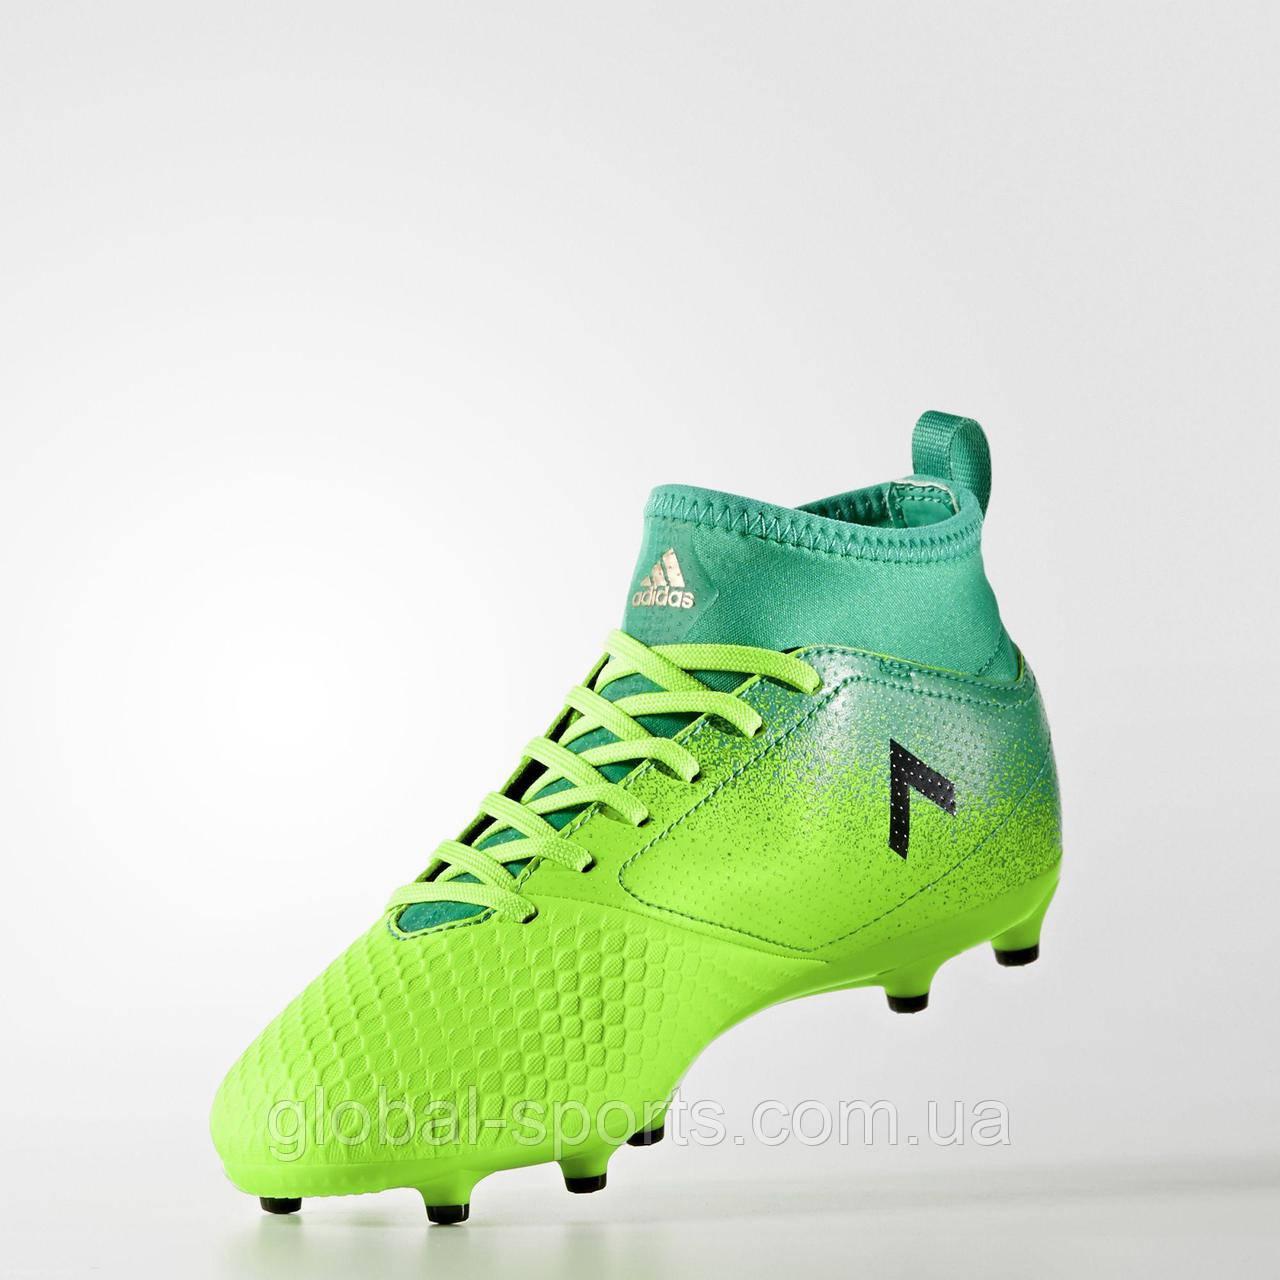 acaf5a44 Детские футбольные бутсы Adidas ACE 17.3 FG J (Артикул:BB1027) - магазин  Global